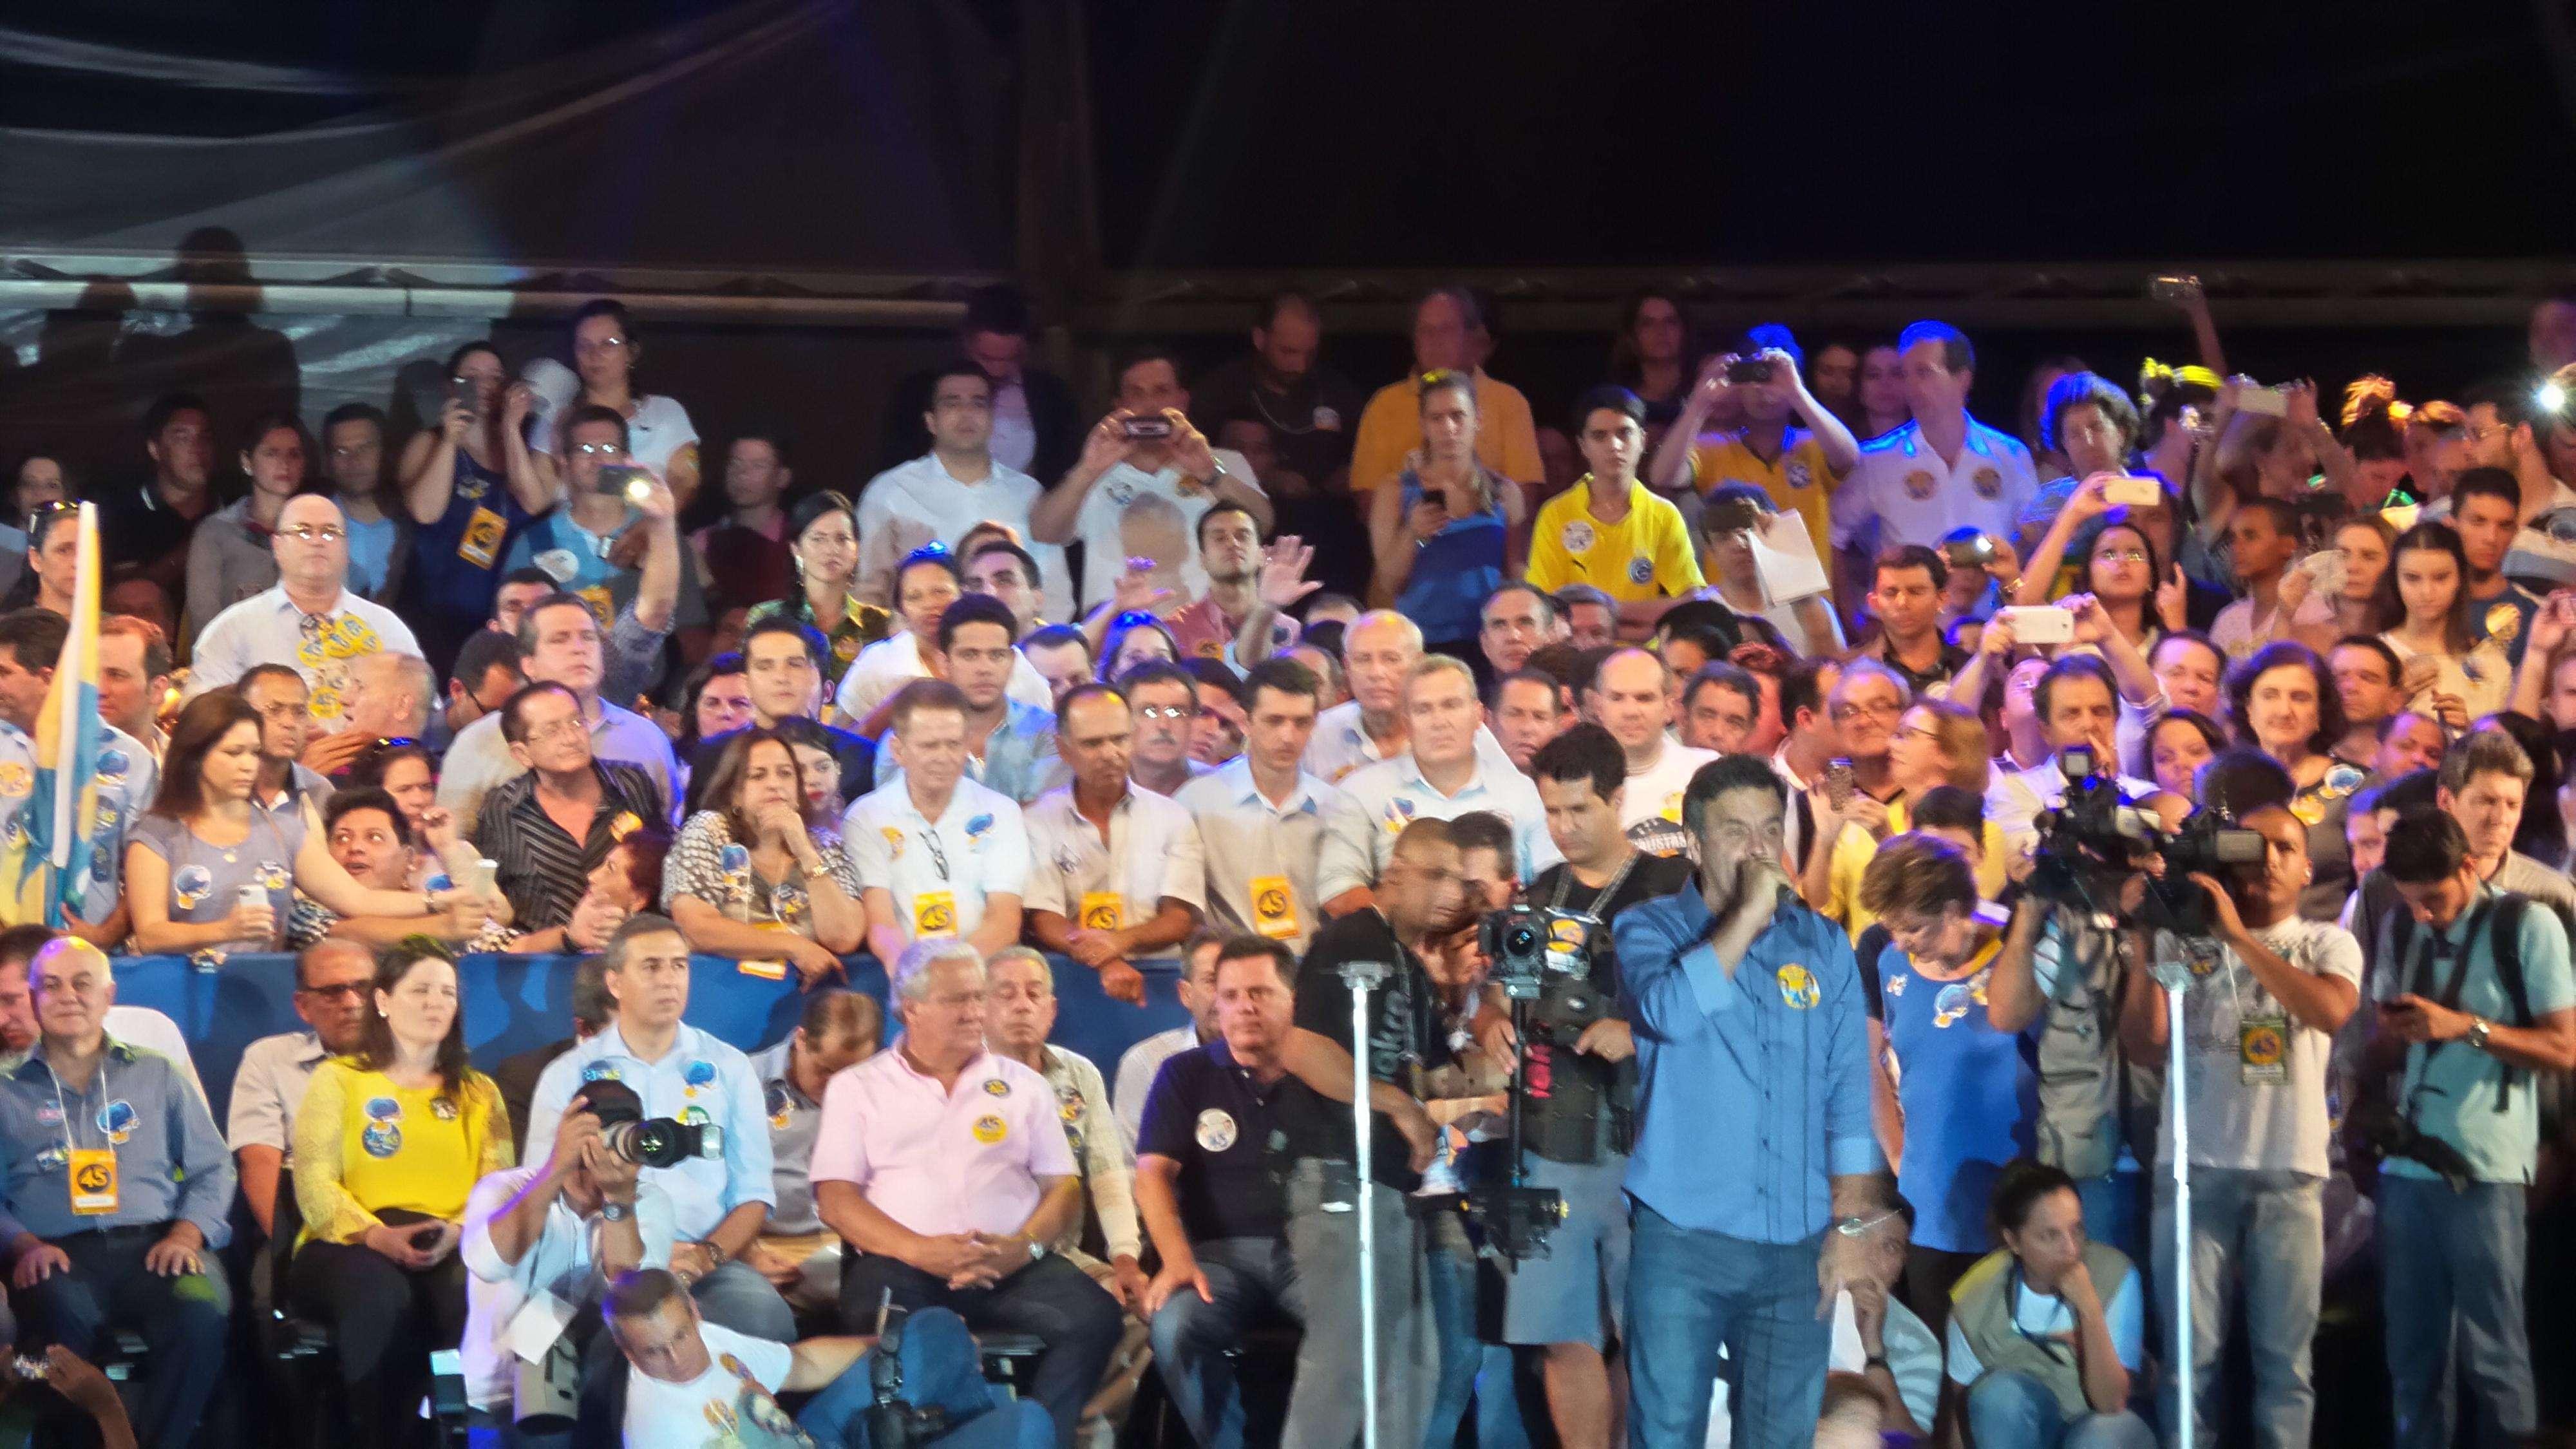 Em comício em Goiânia, Aécio Neves, candidato do PSDB à Presidência, falou sobre libertar o País e criticou o tom da campanha da adversária, Dilma Rousseff (PT) Foto: Janaína Garcia/Terra